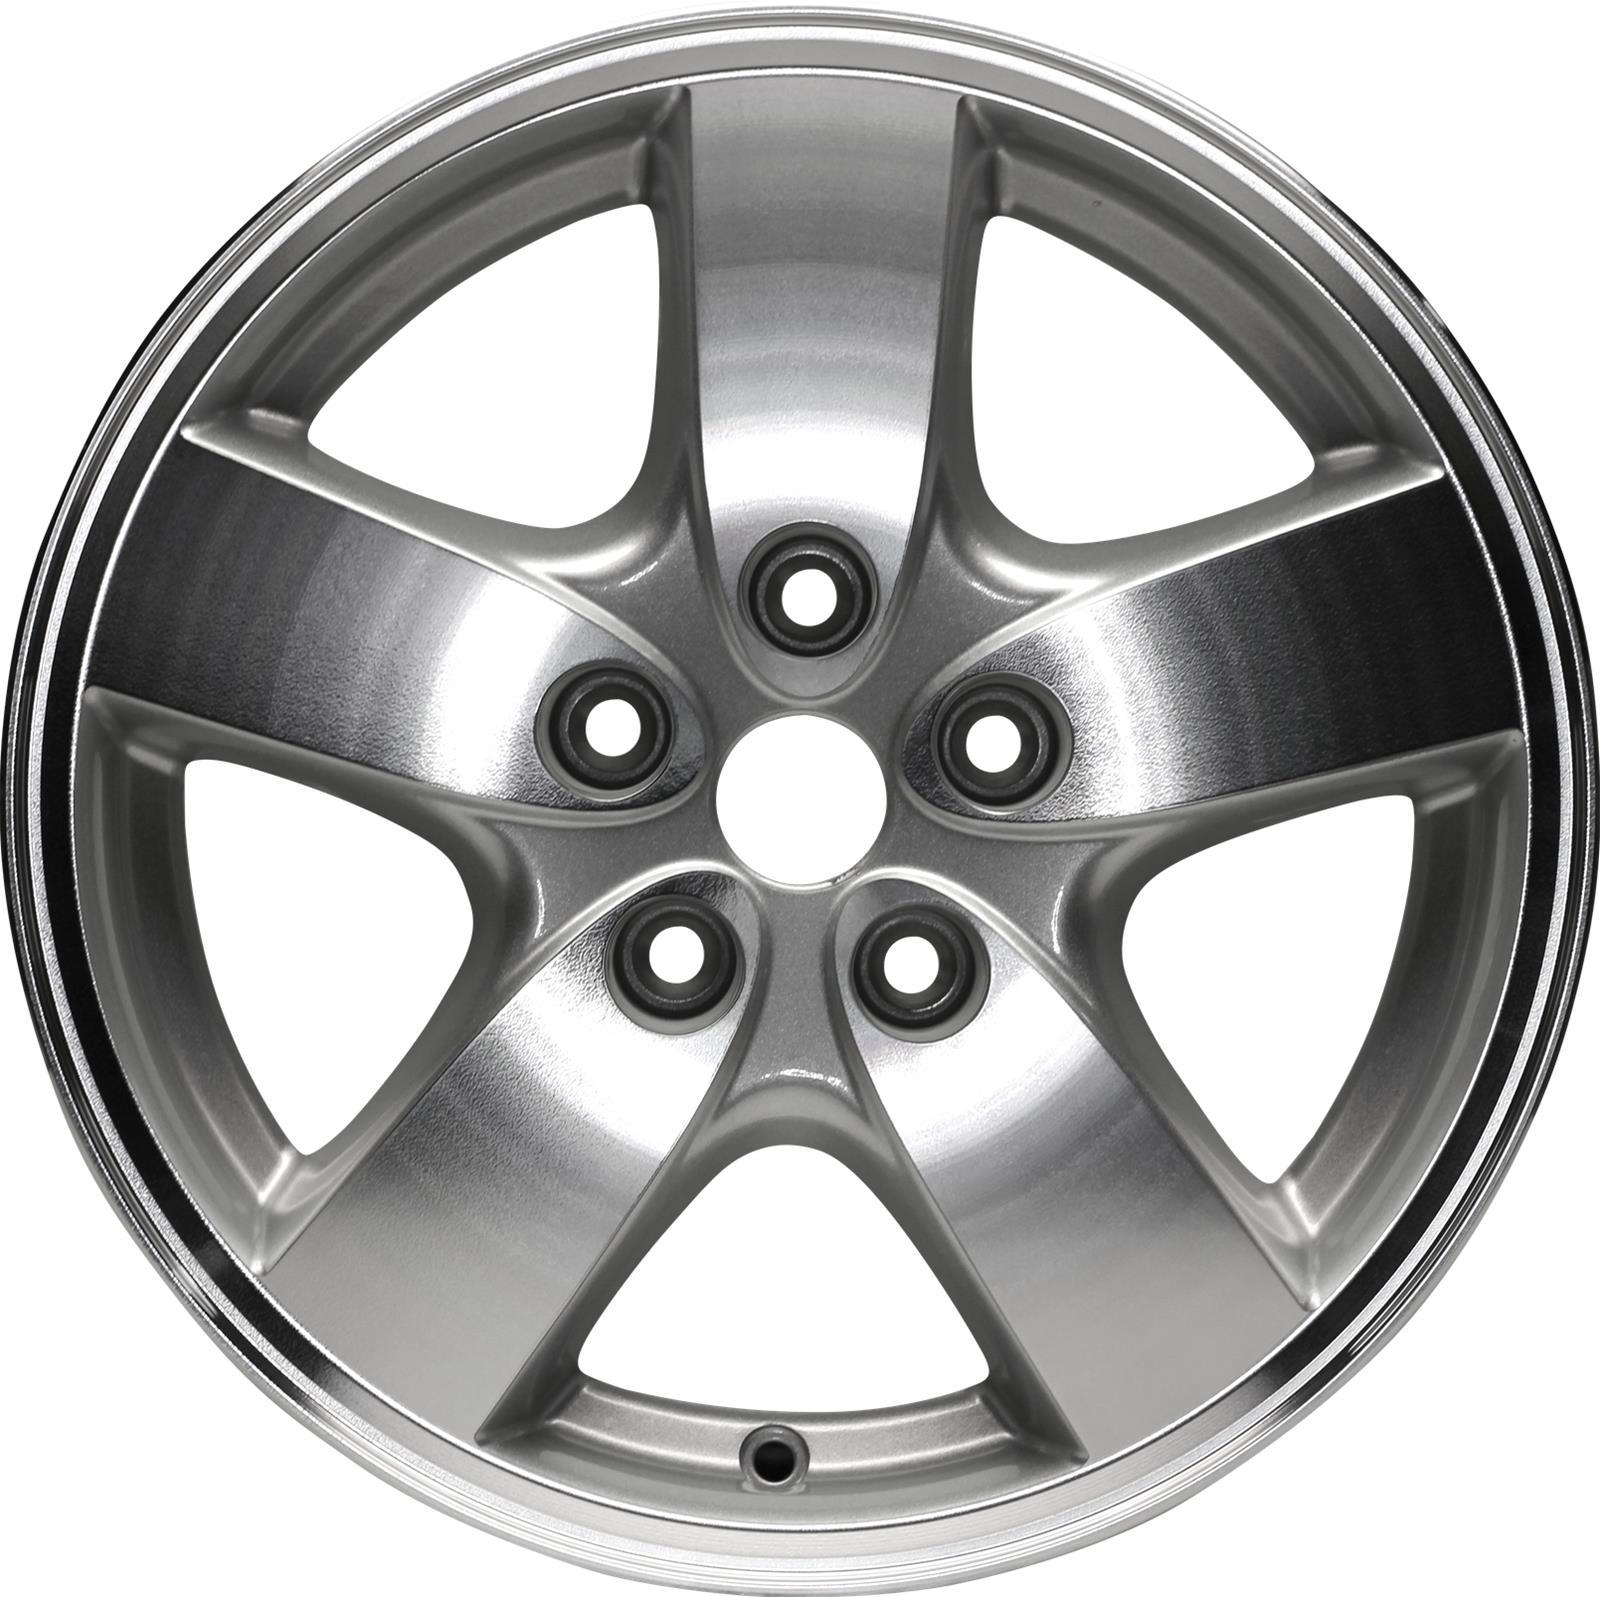 Honda Element Jante Wheel Aly02184u20n Jante Replacement Wheels Summit Racing